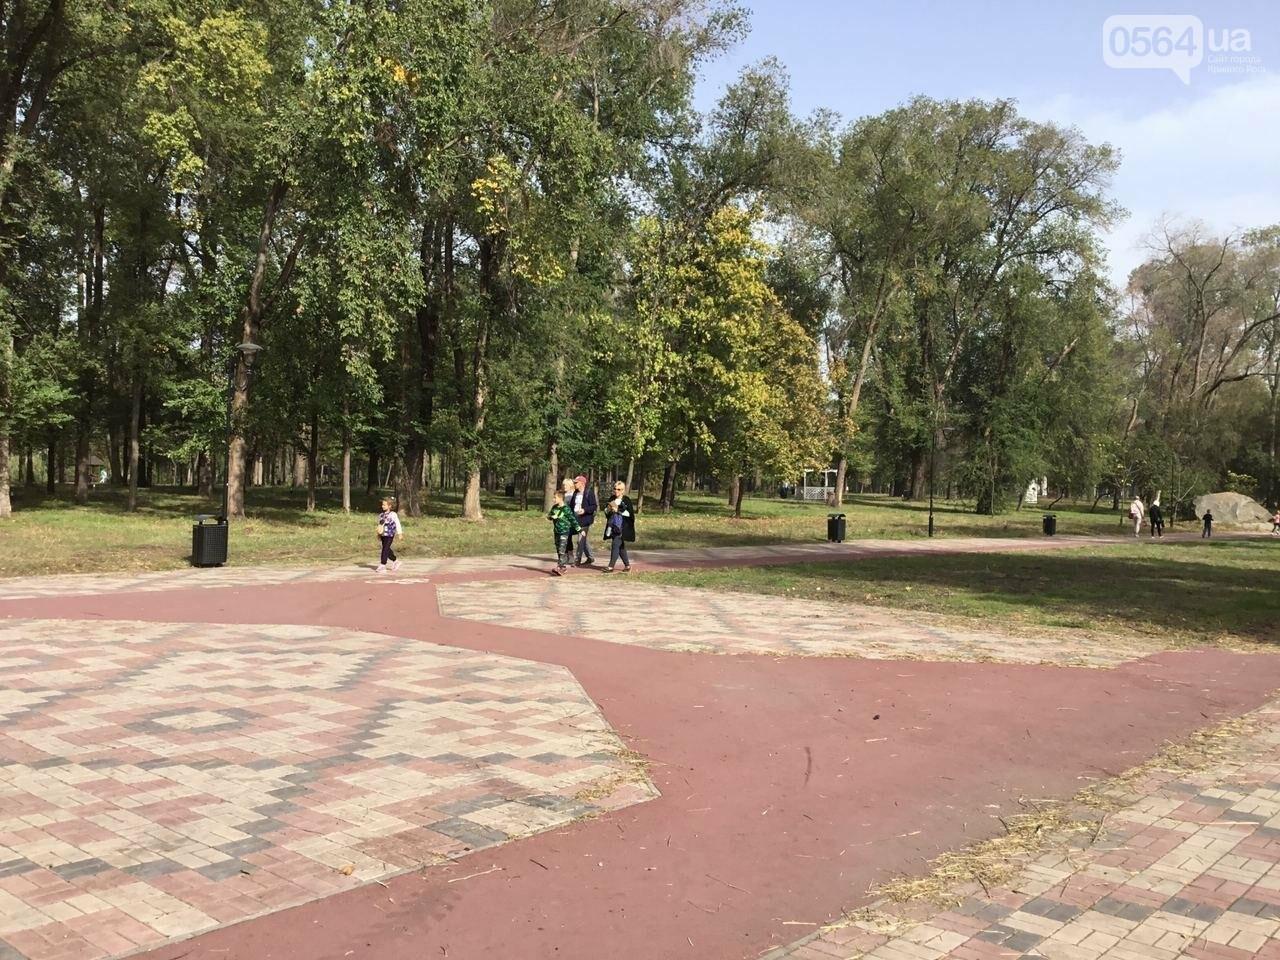 В Гданцевском парке наводят порядок. Как выглядит парк после покоса амброзии, - ФОТО, ВИДЕО, фото-46